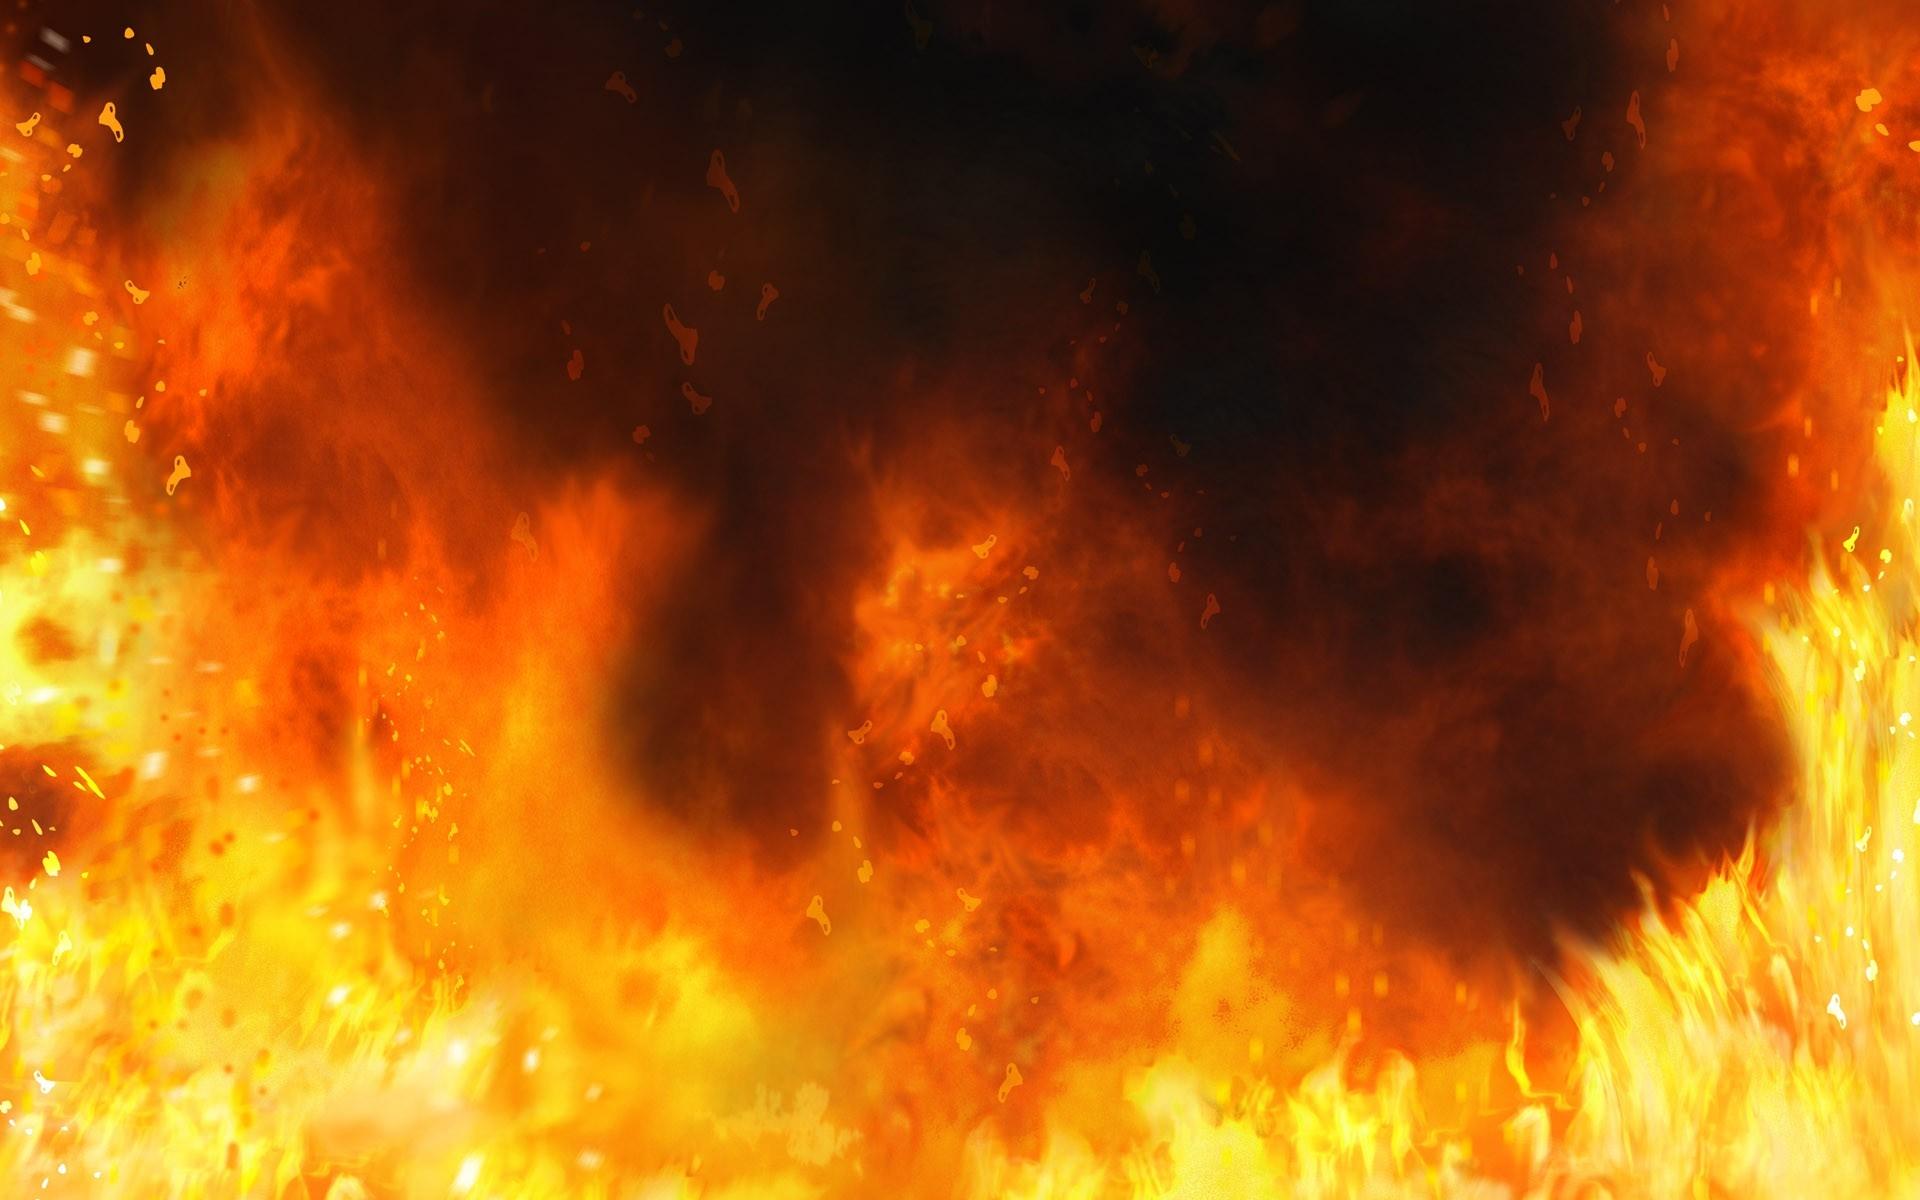 Wallpaper Fire Background Flames 1920x1200 4kwallpaper